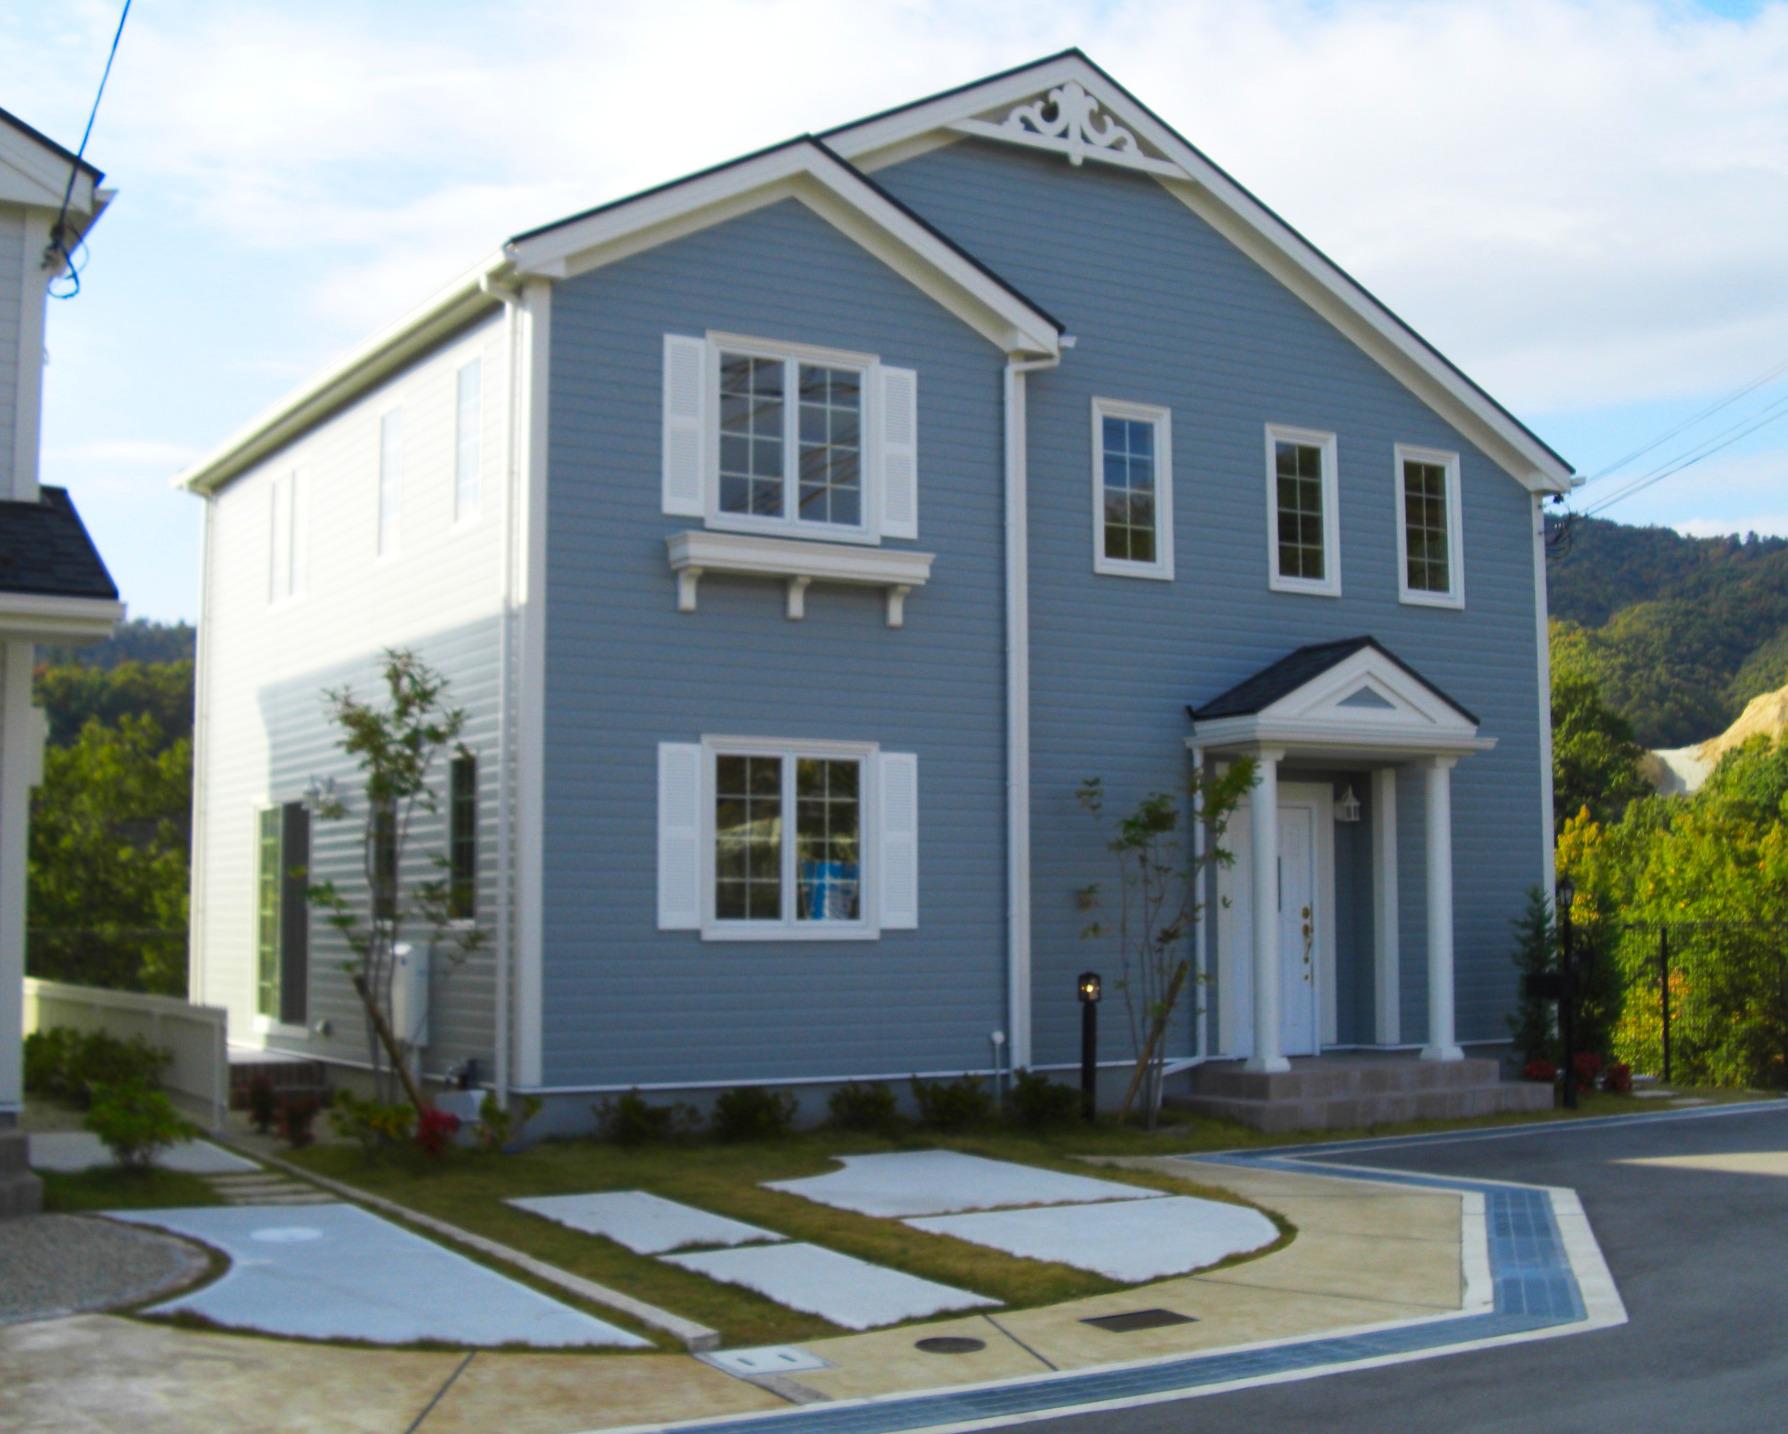 スタンプコンクリート オープン外構 アメリカンハウス 輸入住宅